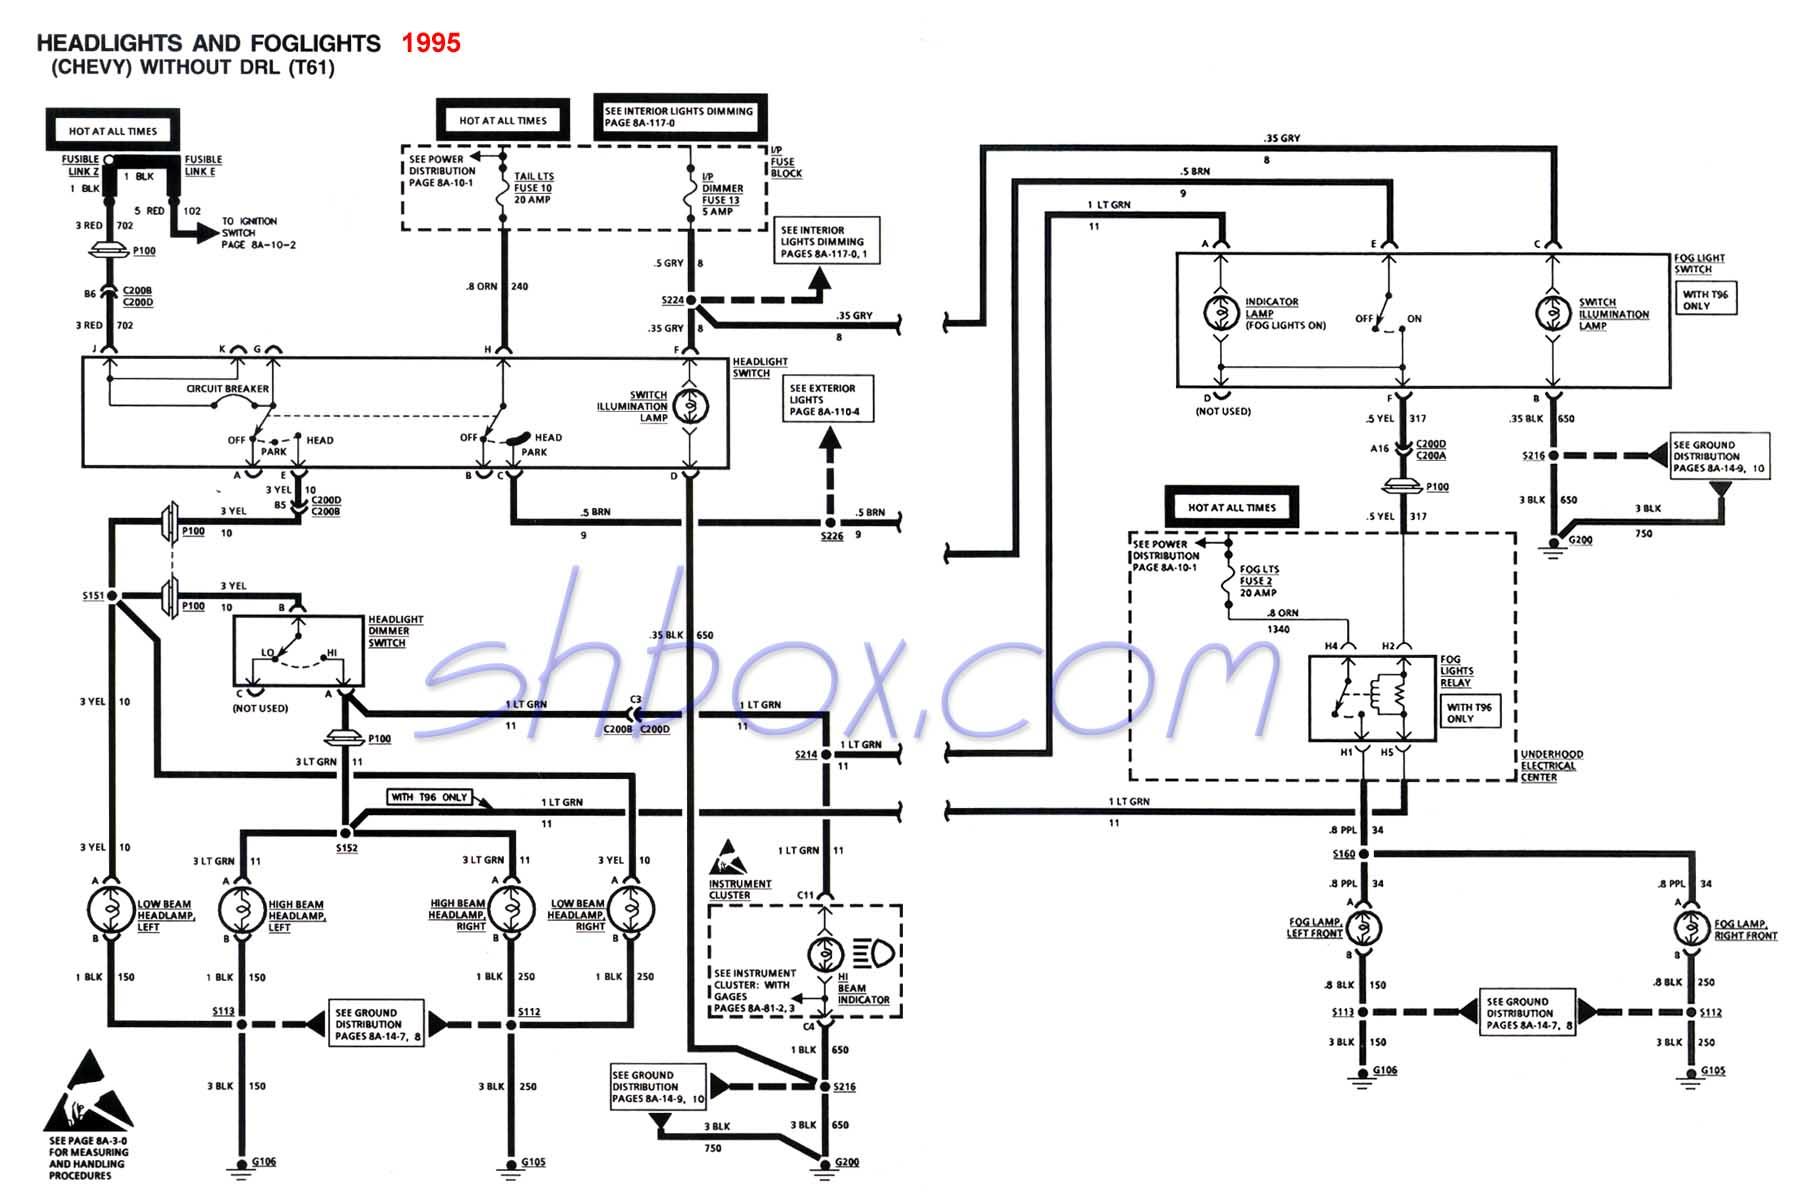 1995 s10 pickup wiring diagram - dolgular, Wiring diagram